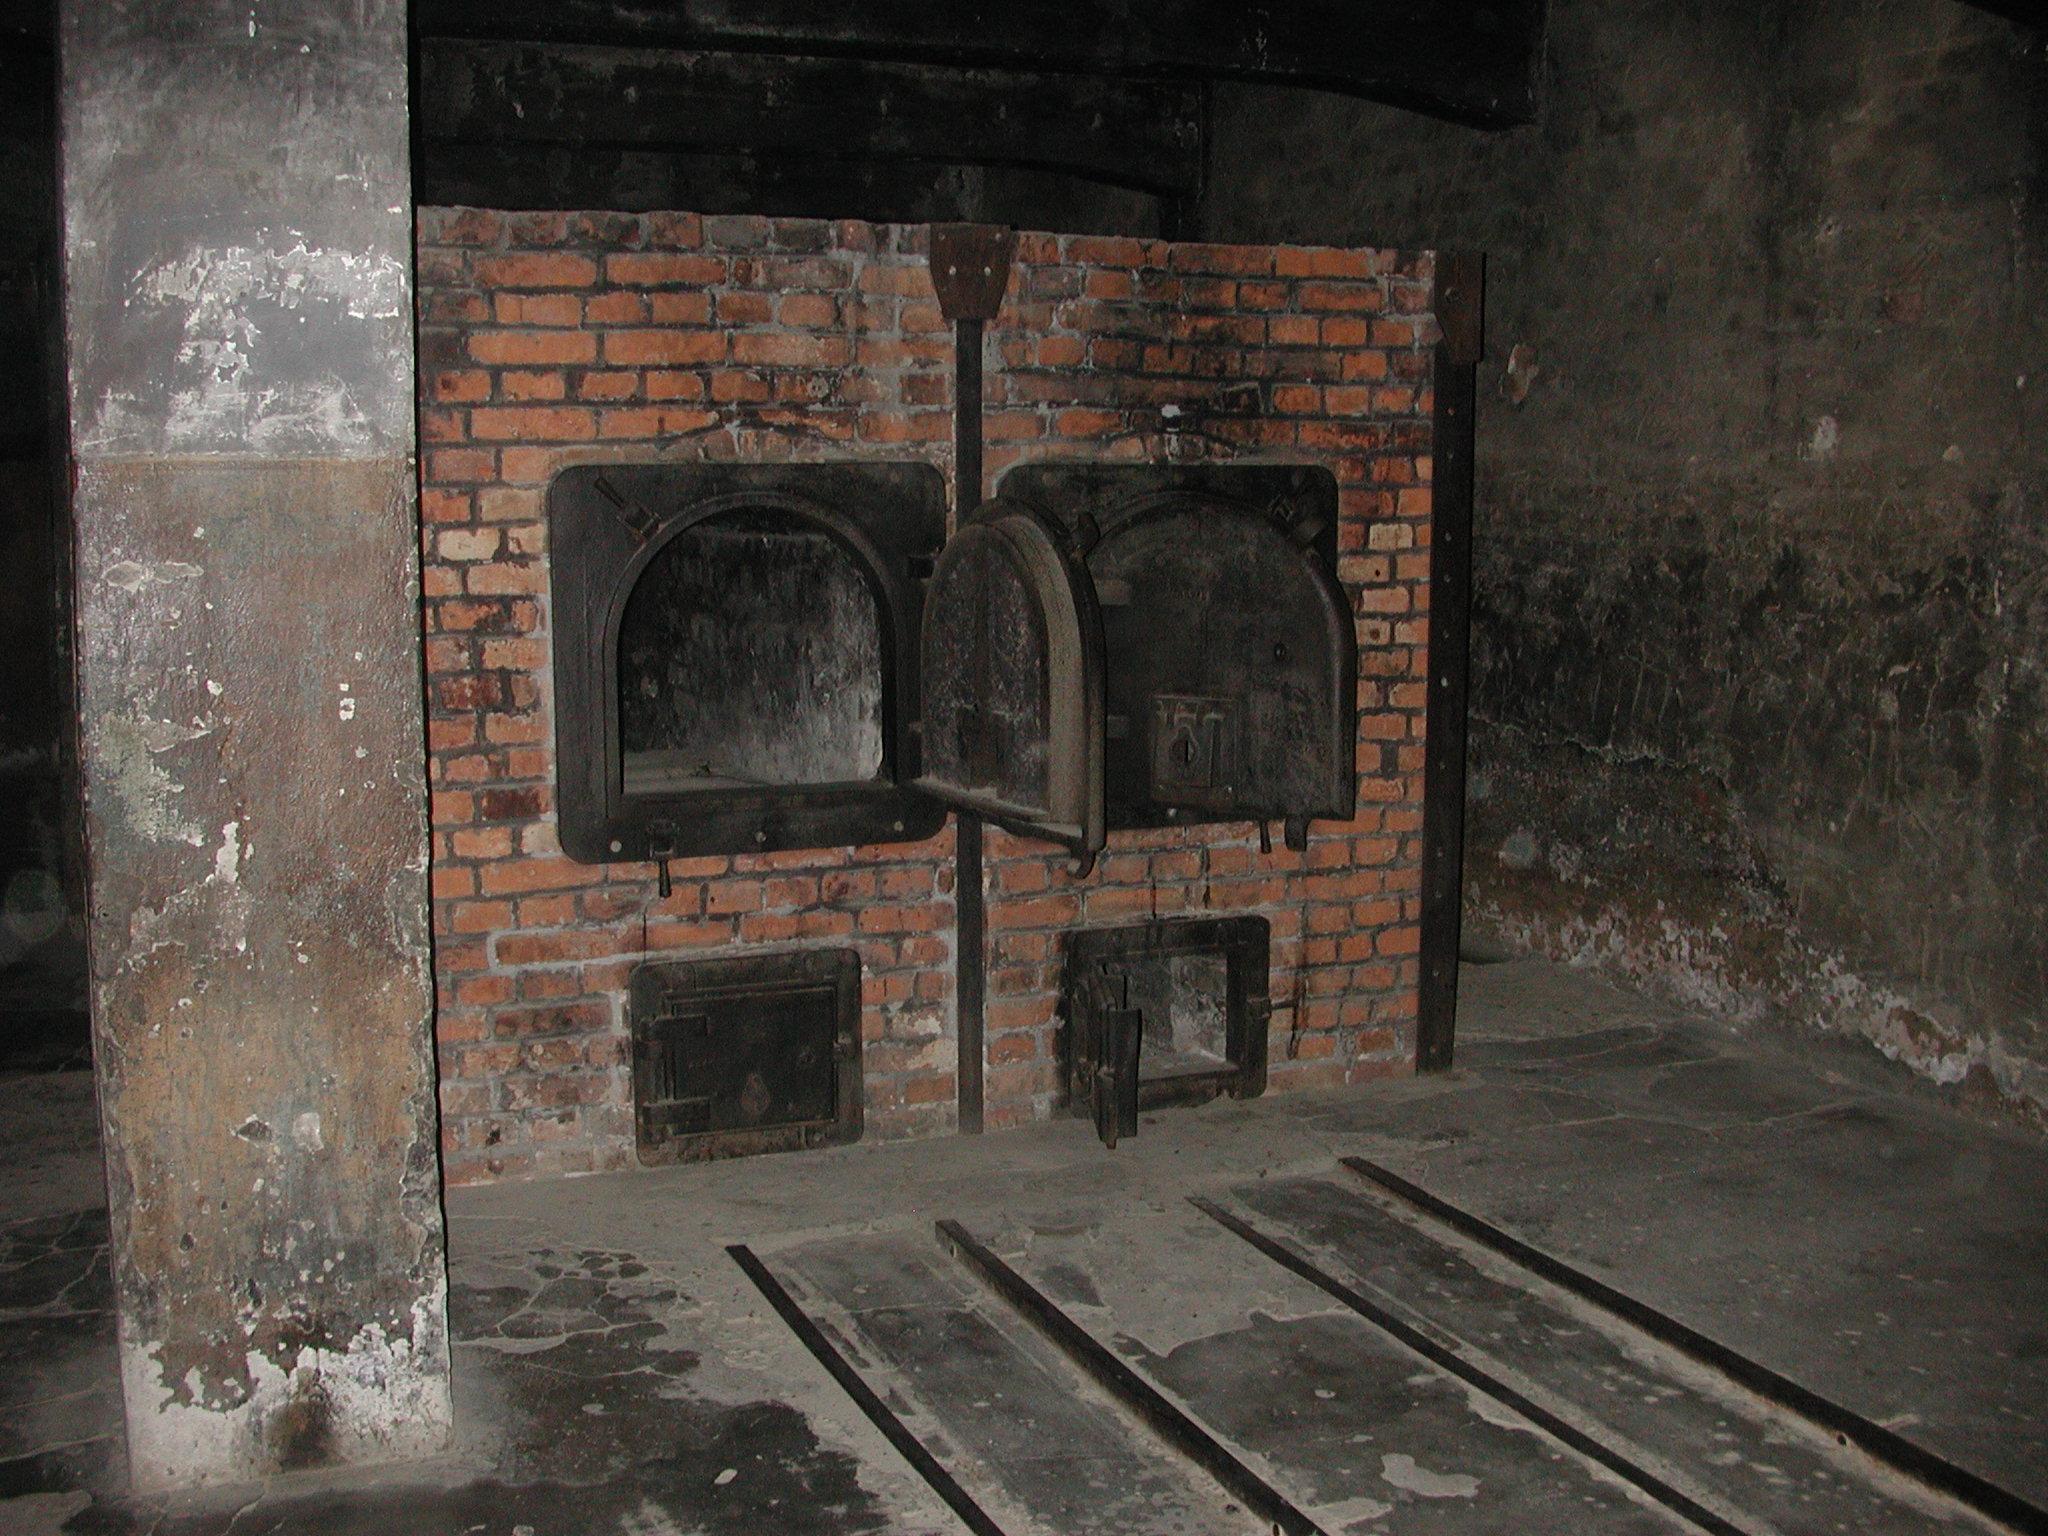 krematorium